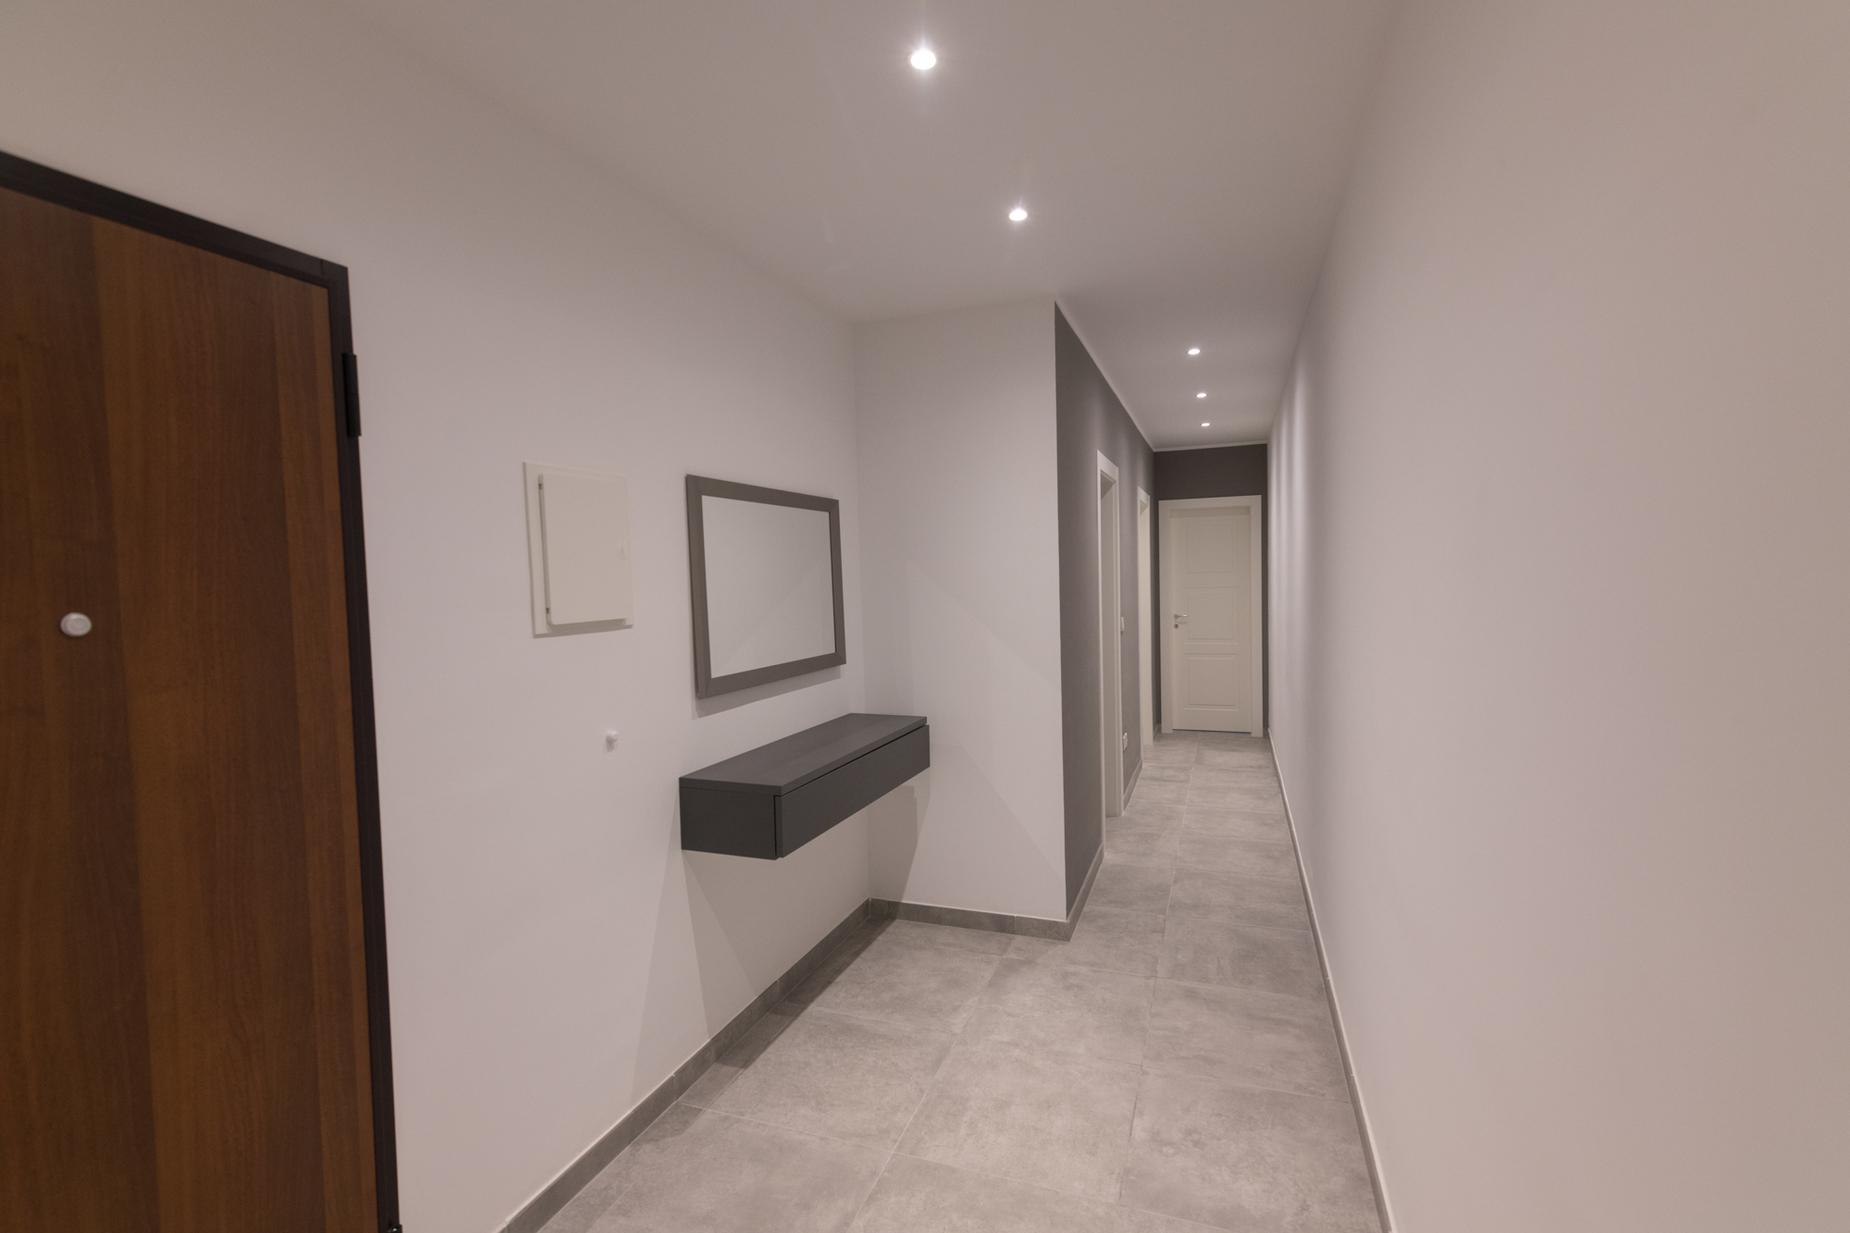 2 bed Apartment For Rent in Gzira, Gzira - thumb 3